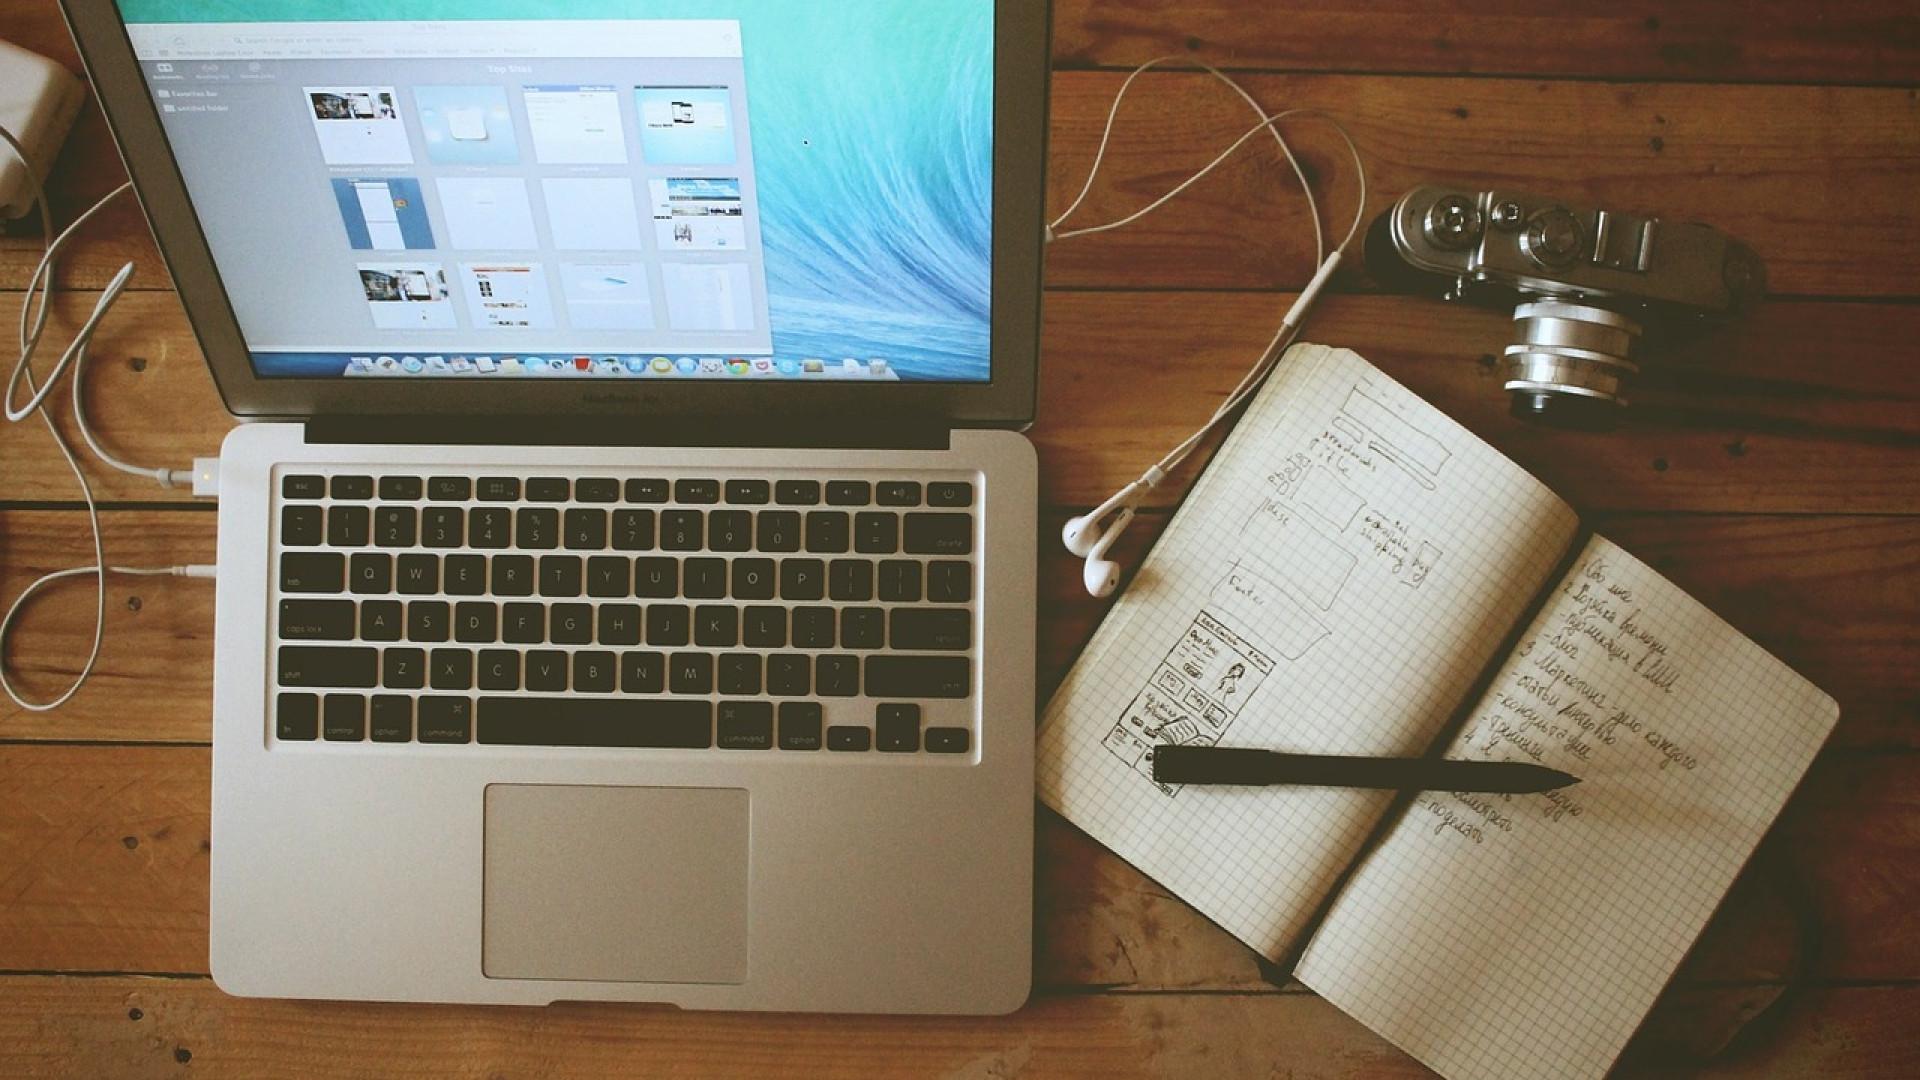 Comment écrire une petite annonce sur internet? 13